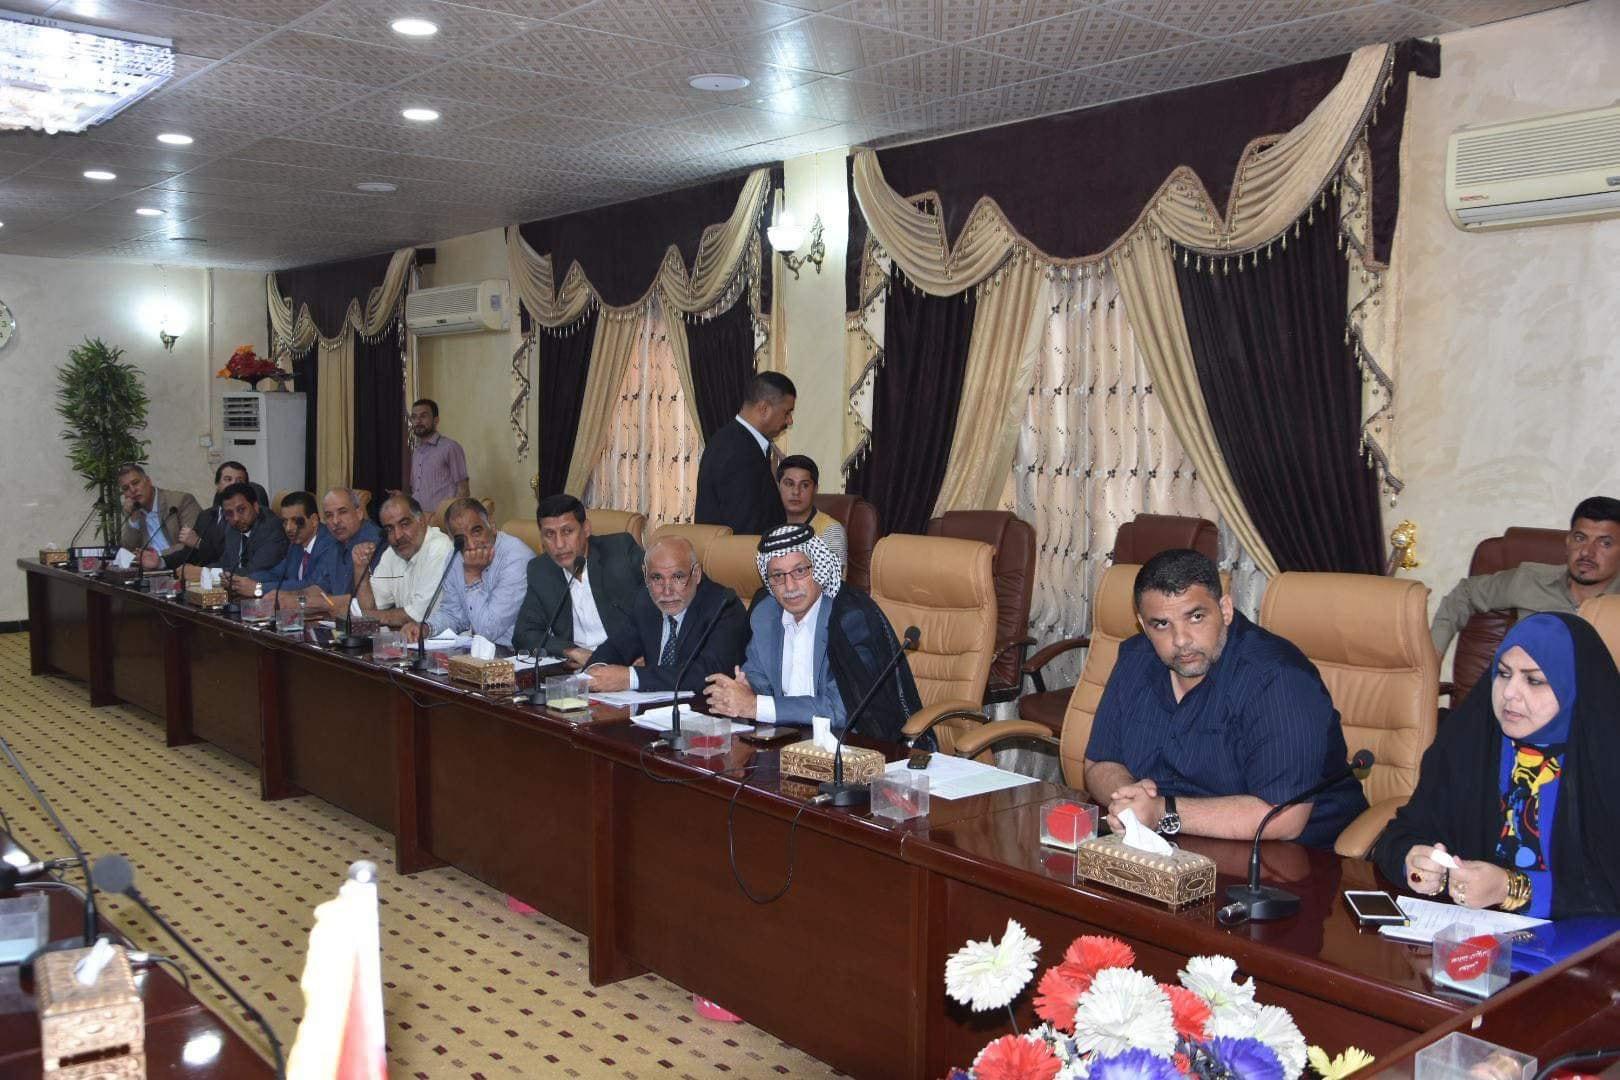 بعد إرسال المحافظة خطة تنمية الأقاليم إلى مجلس المحافظة قبل أيام معدودات مجلس المحافظة يعقد اجتماع مع رؤوساء الوحدات الإدارية لمناقشة خطة تنمية الأقاليم لعام ٢٠١٩